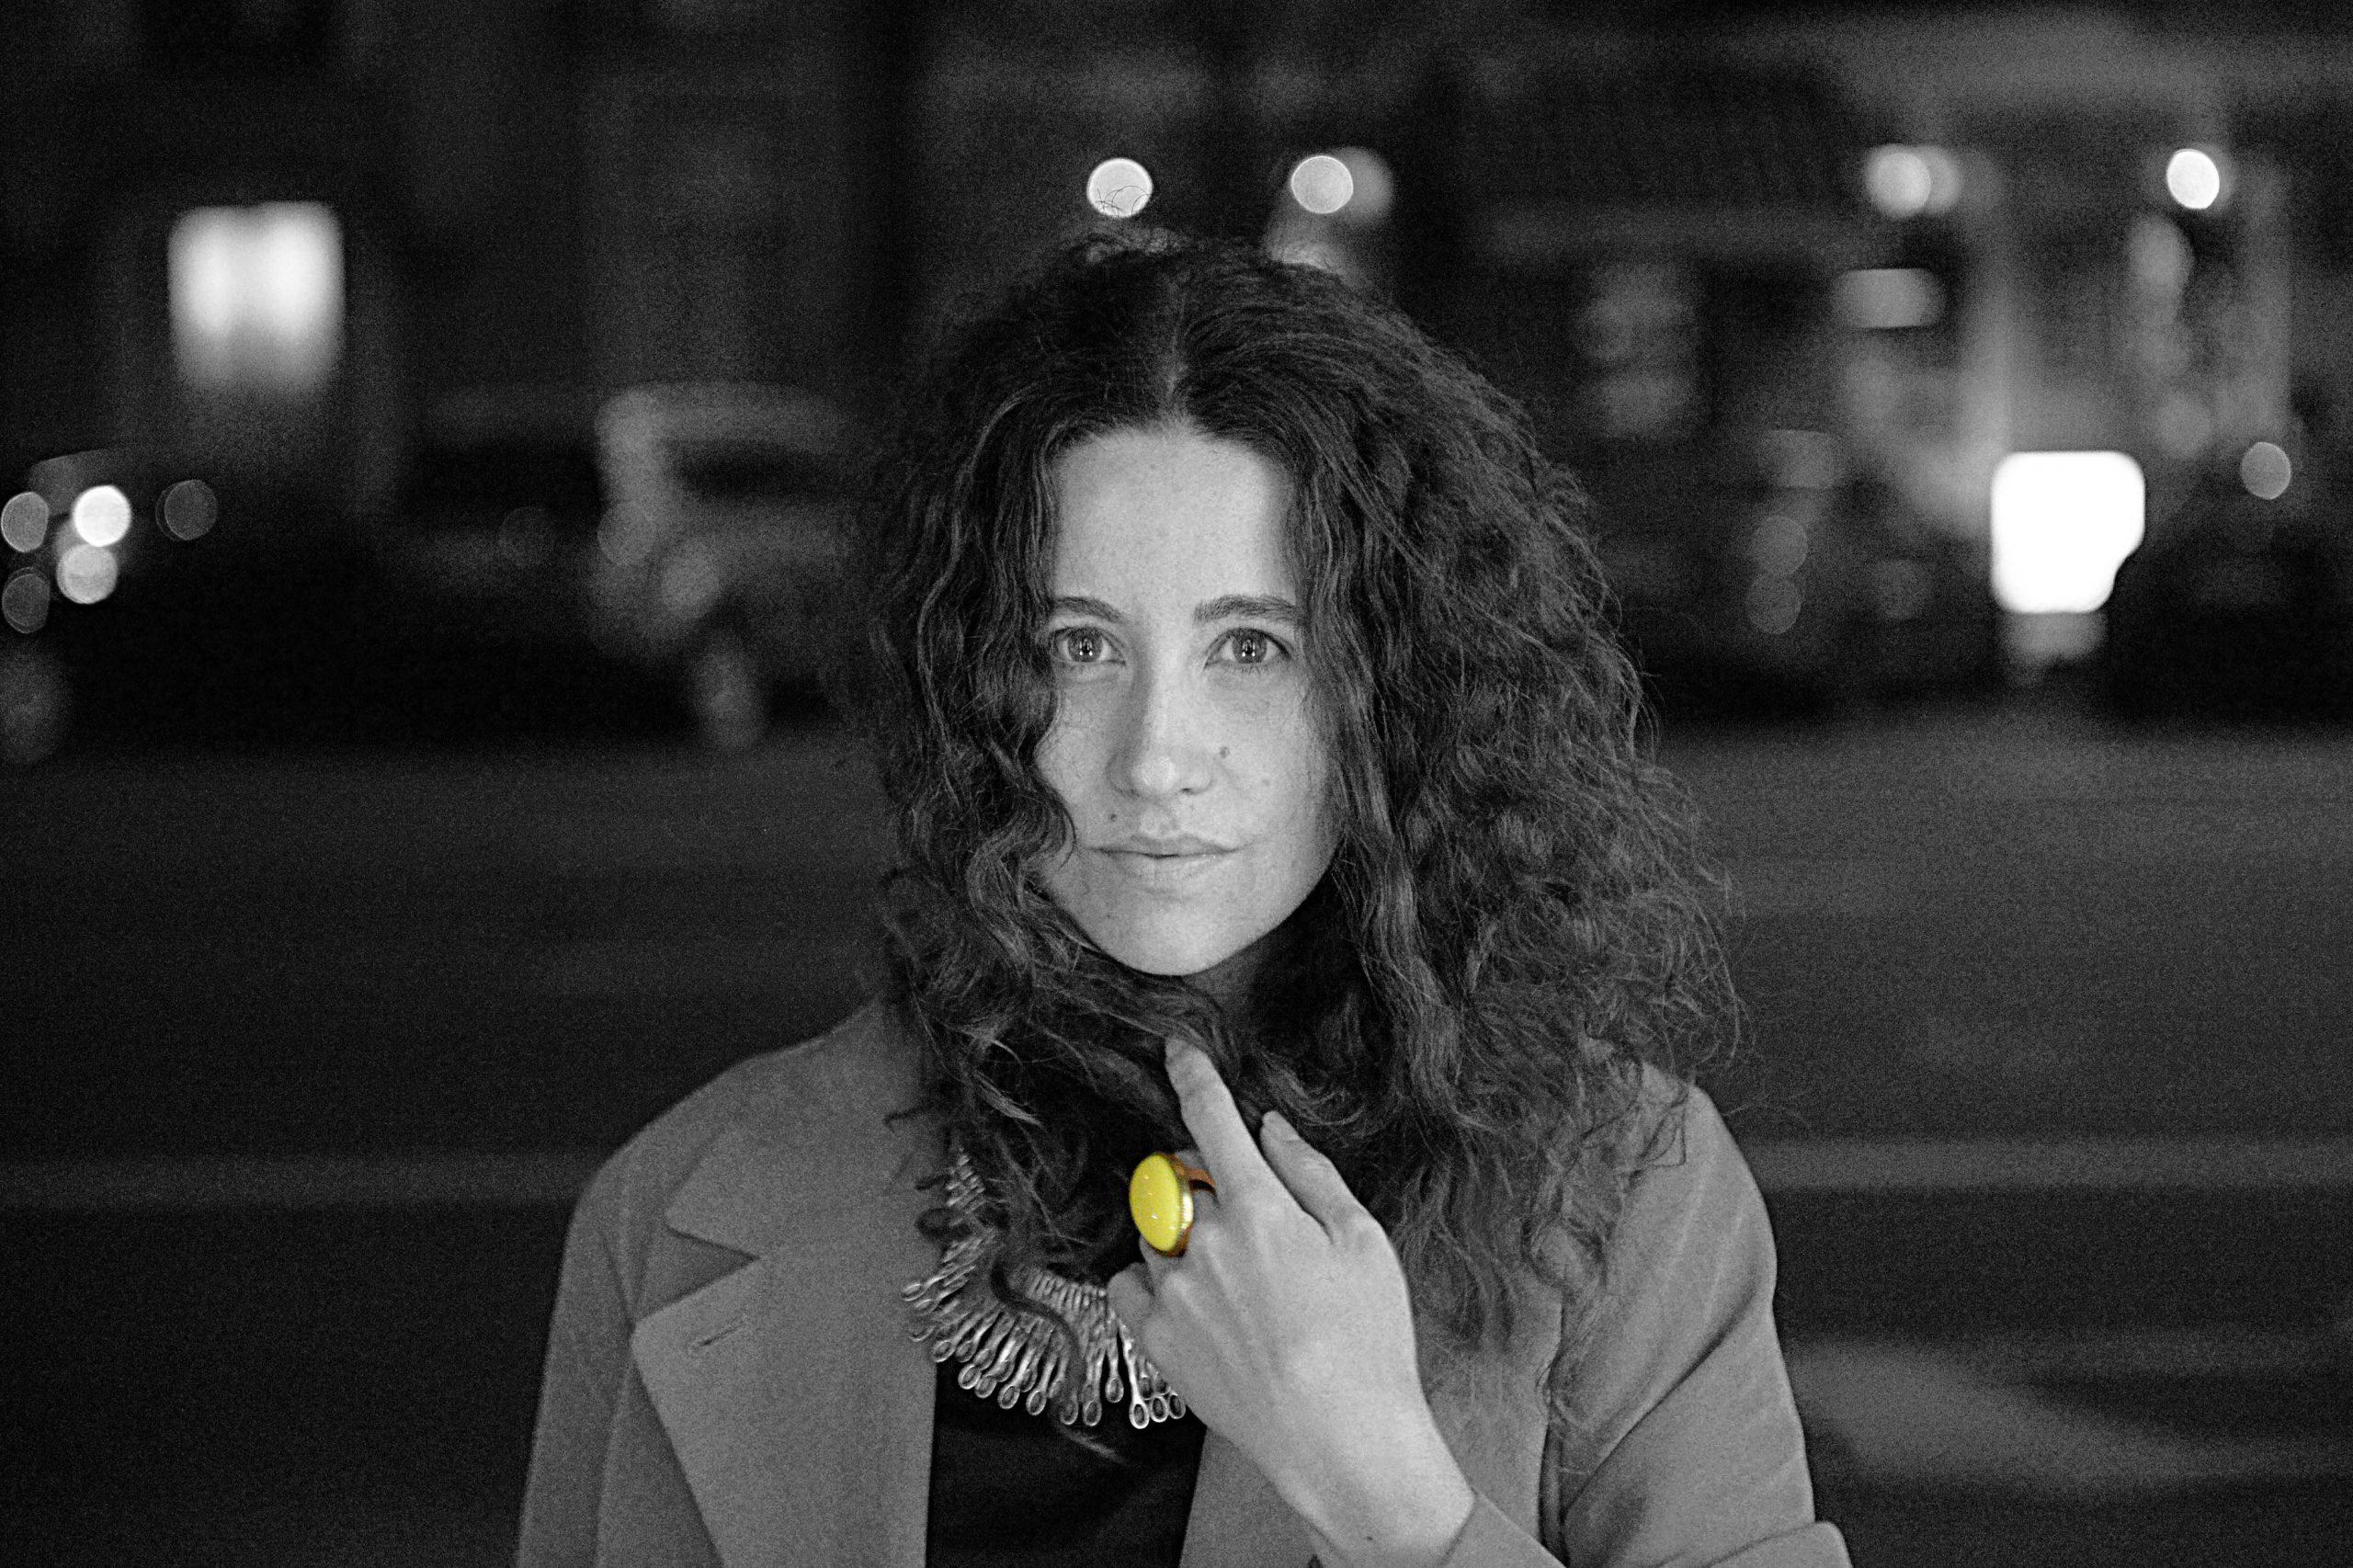 УКРАИНА-ЗАРИСОВКИ: Анна Ставиченко, музыкальный критик из Киева, о «профессиональных ушах», стоячих овациях, цветке сквозь асфальт и проекте «Оперный салон»